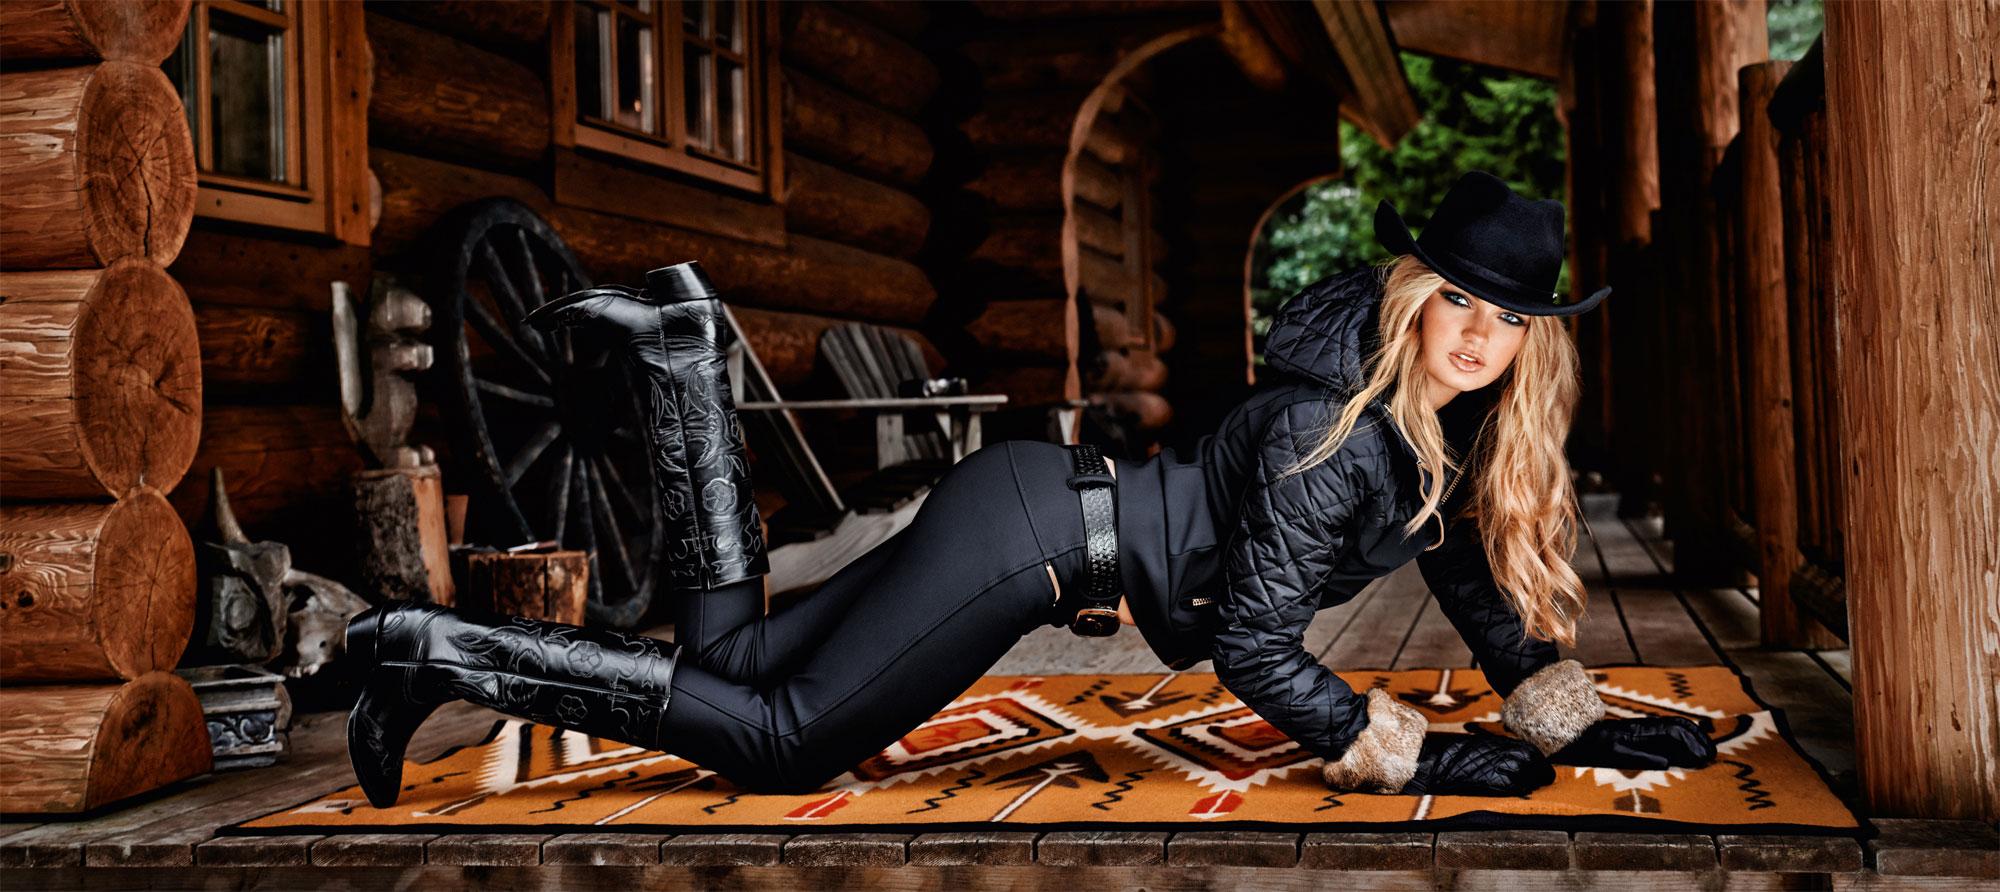 Goldbergh: vernieuwend Nederlands merk - The Fashion Master